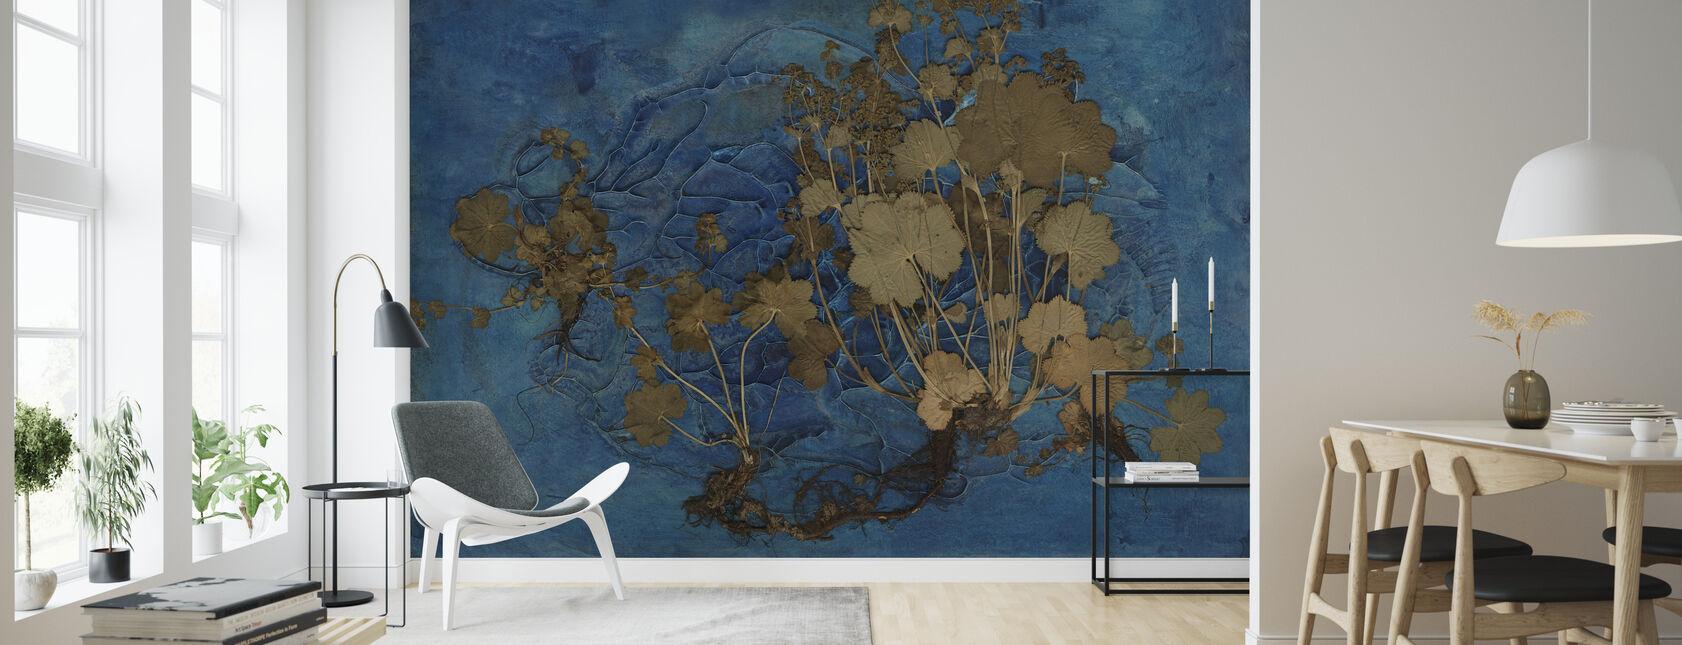 Alchemilla Vulgaris - Wallpaper - Living Room